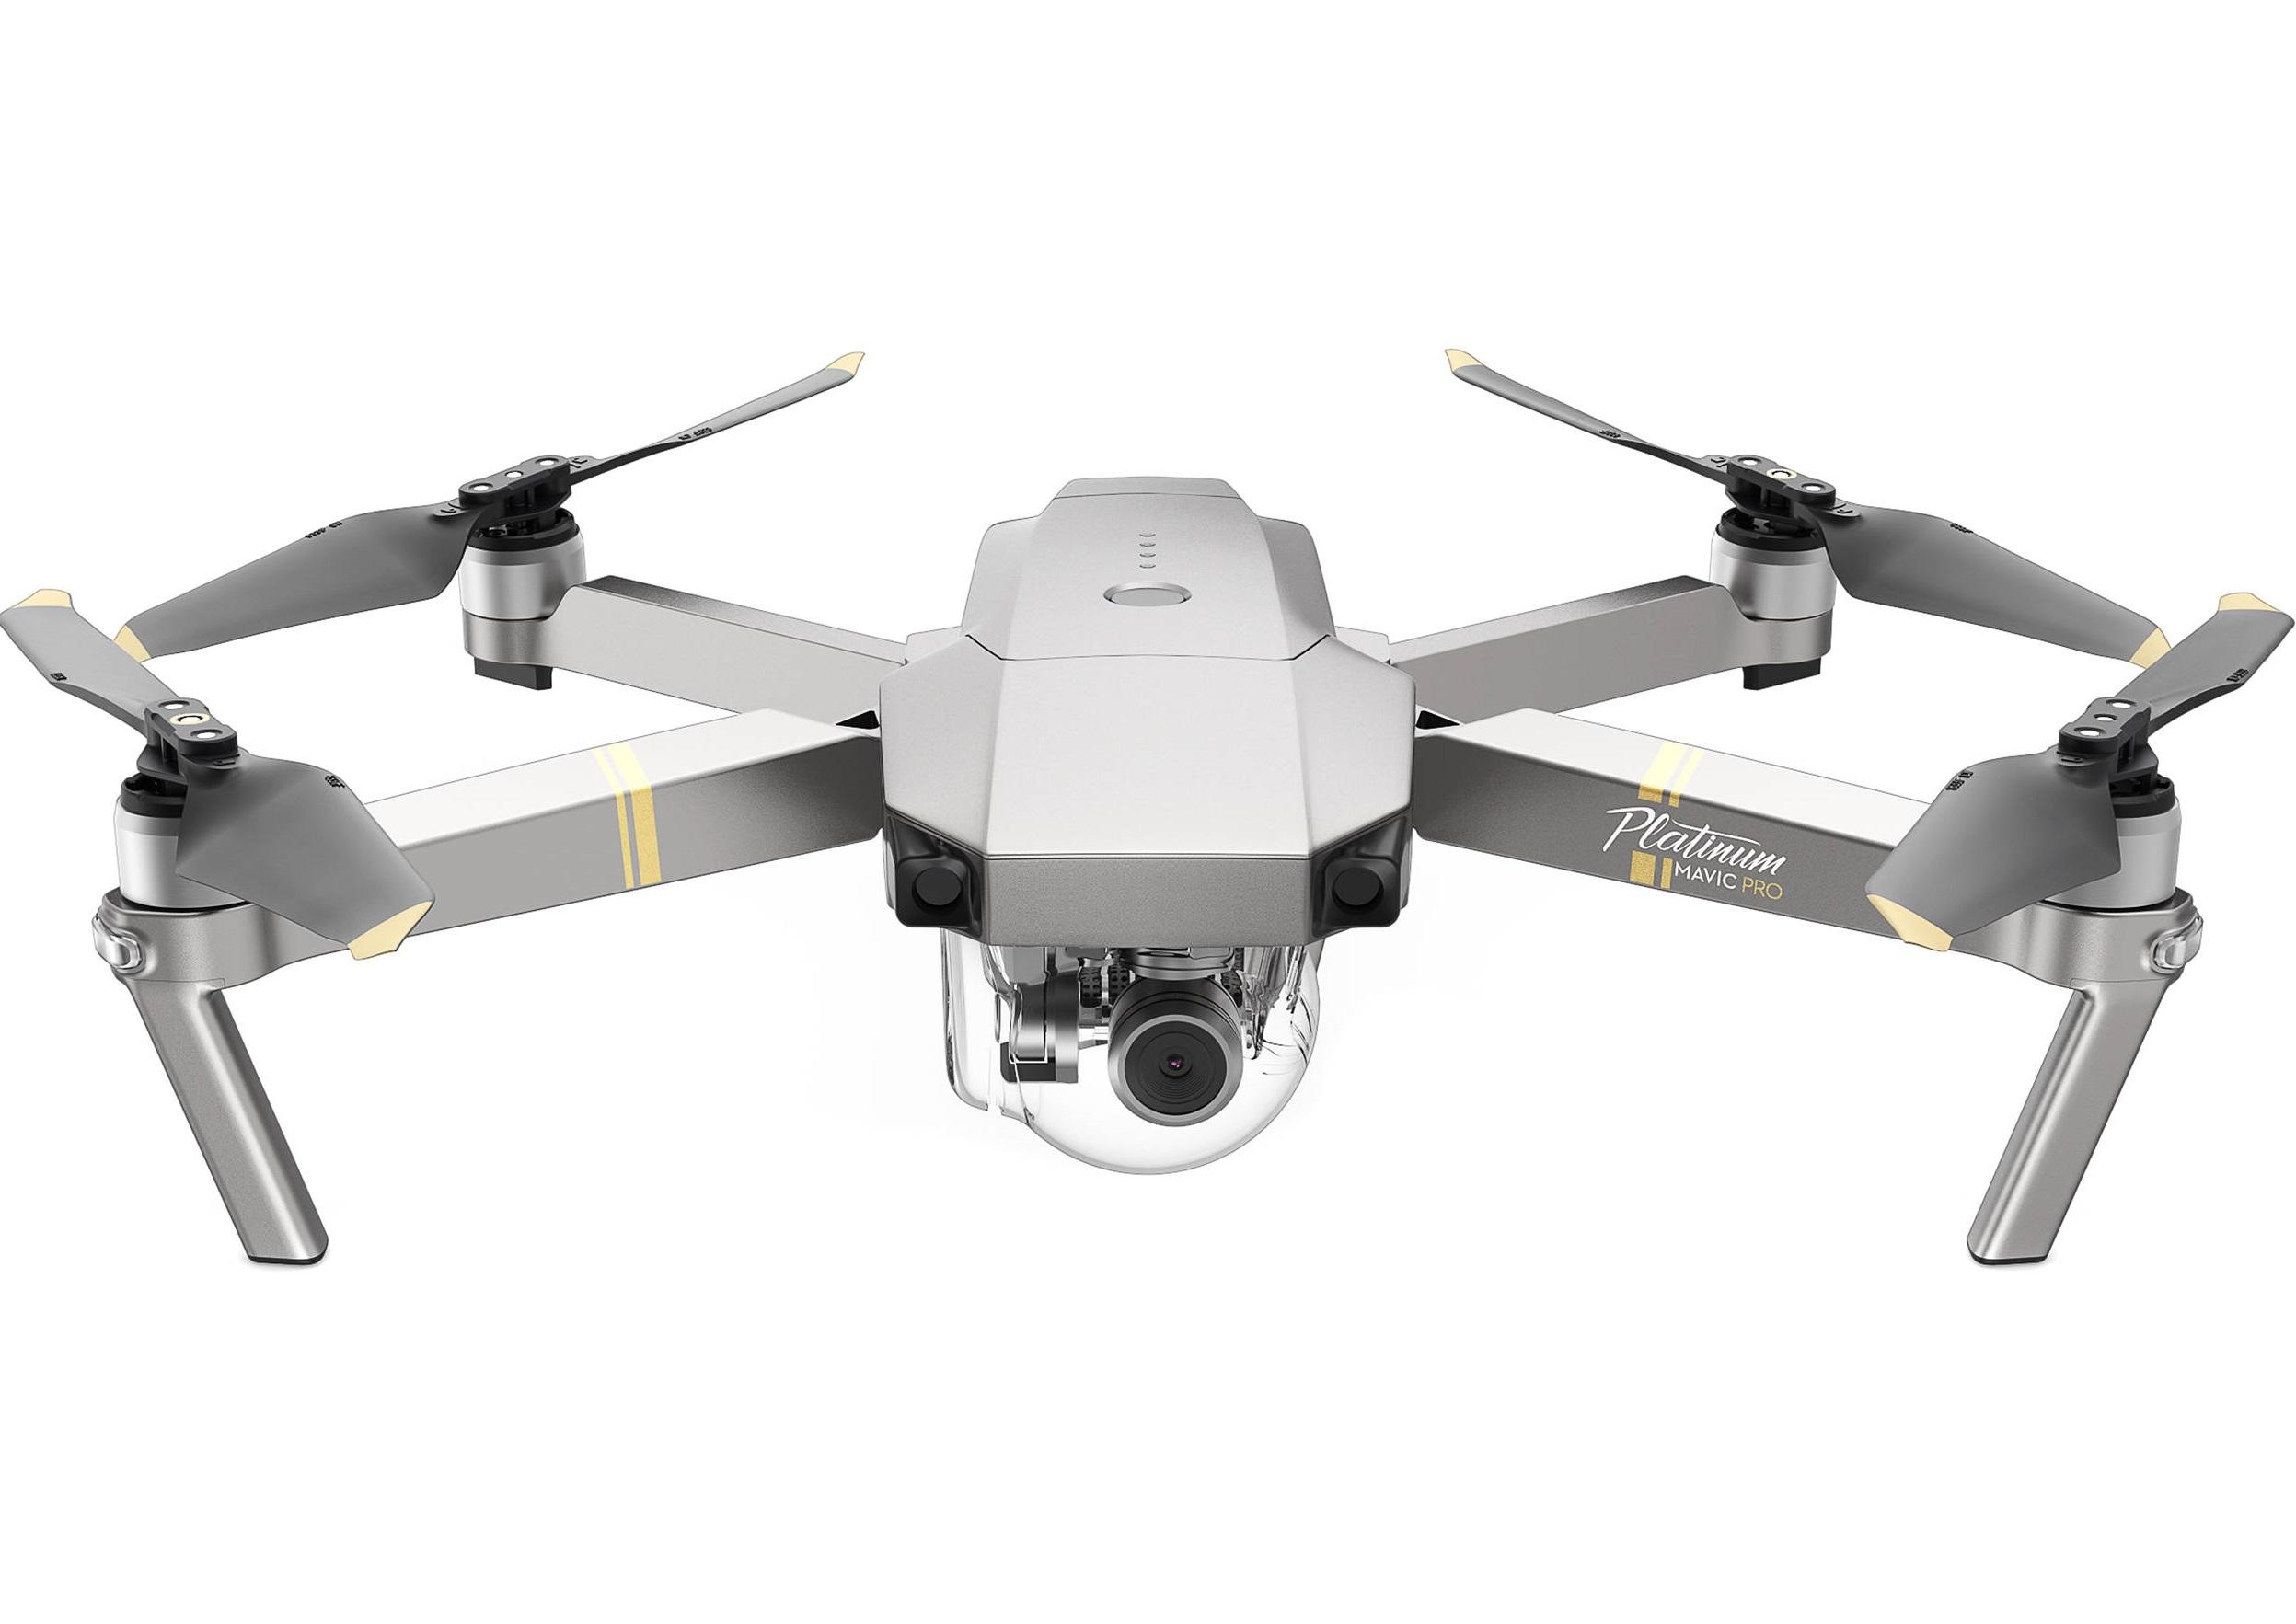 Drony DJI Mavic Pro za exkluzivní cenu na GearBestu! [sponzorovaný článek]